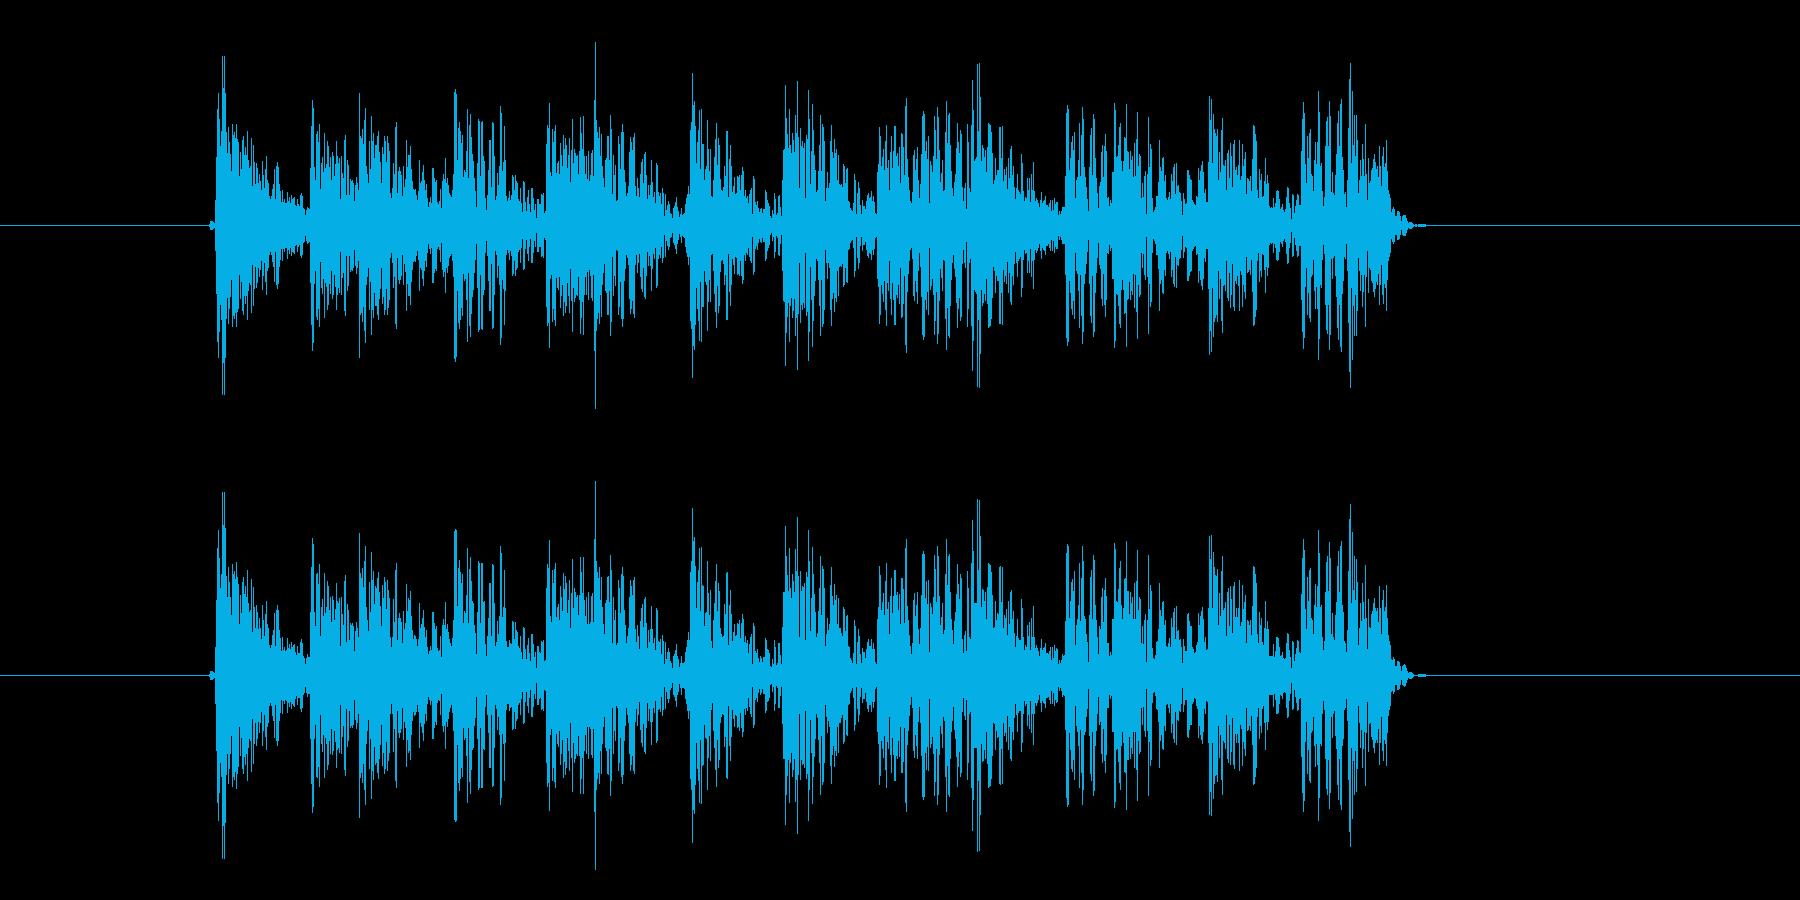 早めの太鼓やドラムを叩く音の再生済みの波形